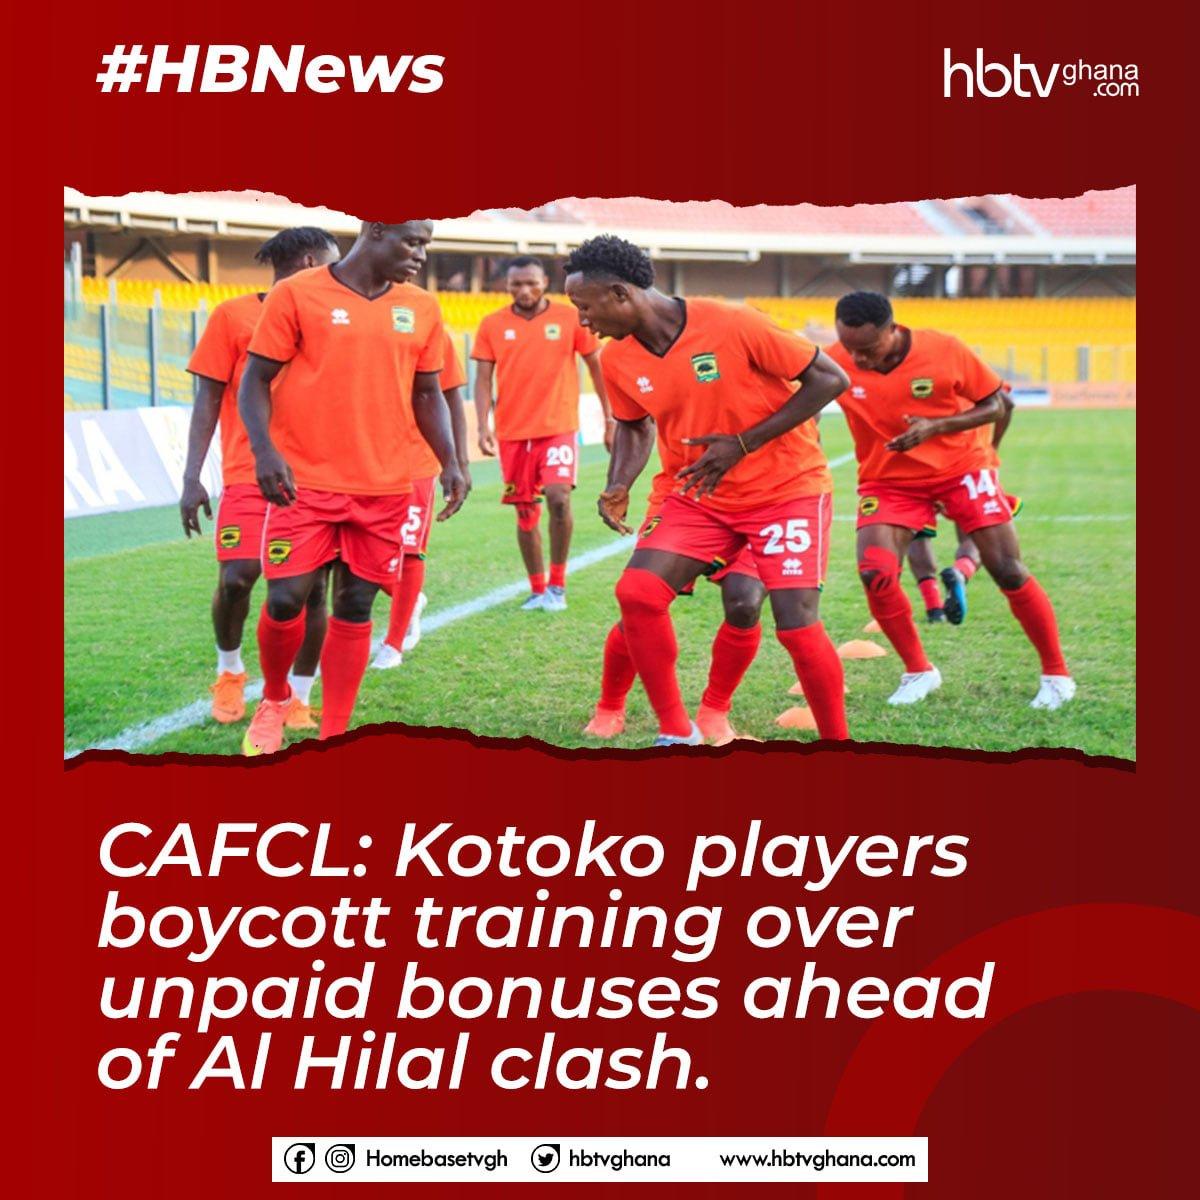 CAFCL: Kotoko Players Boycott Training Over Unpaid Bonuses Ahead of Al Hilal Clash